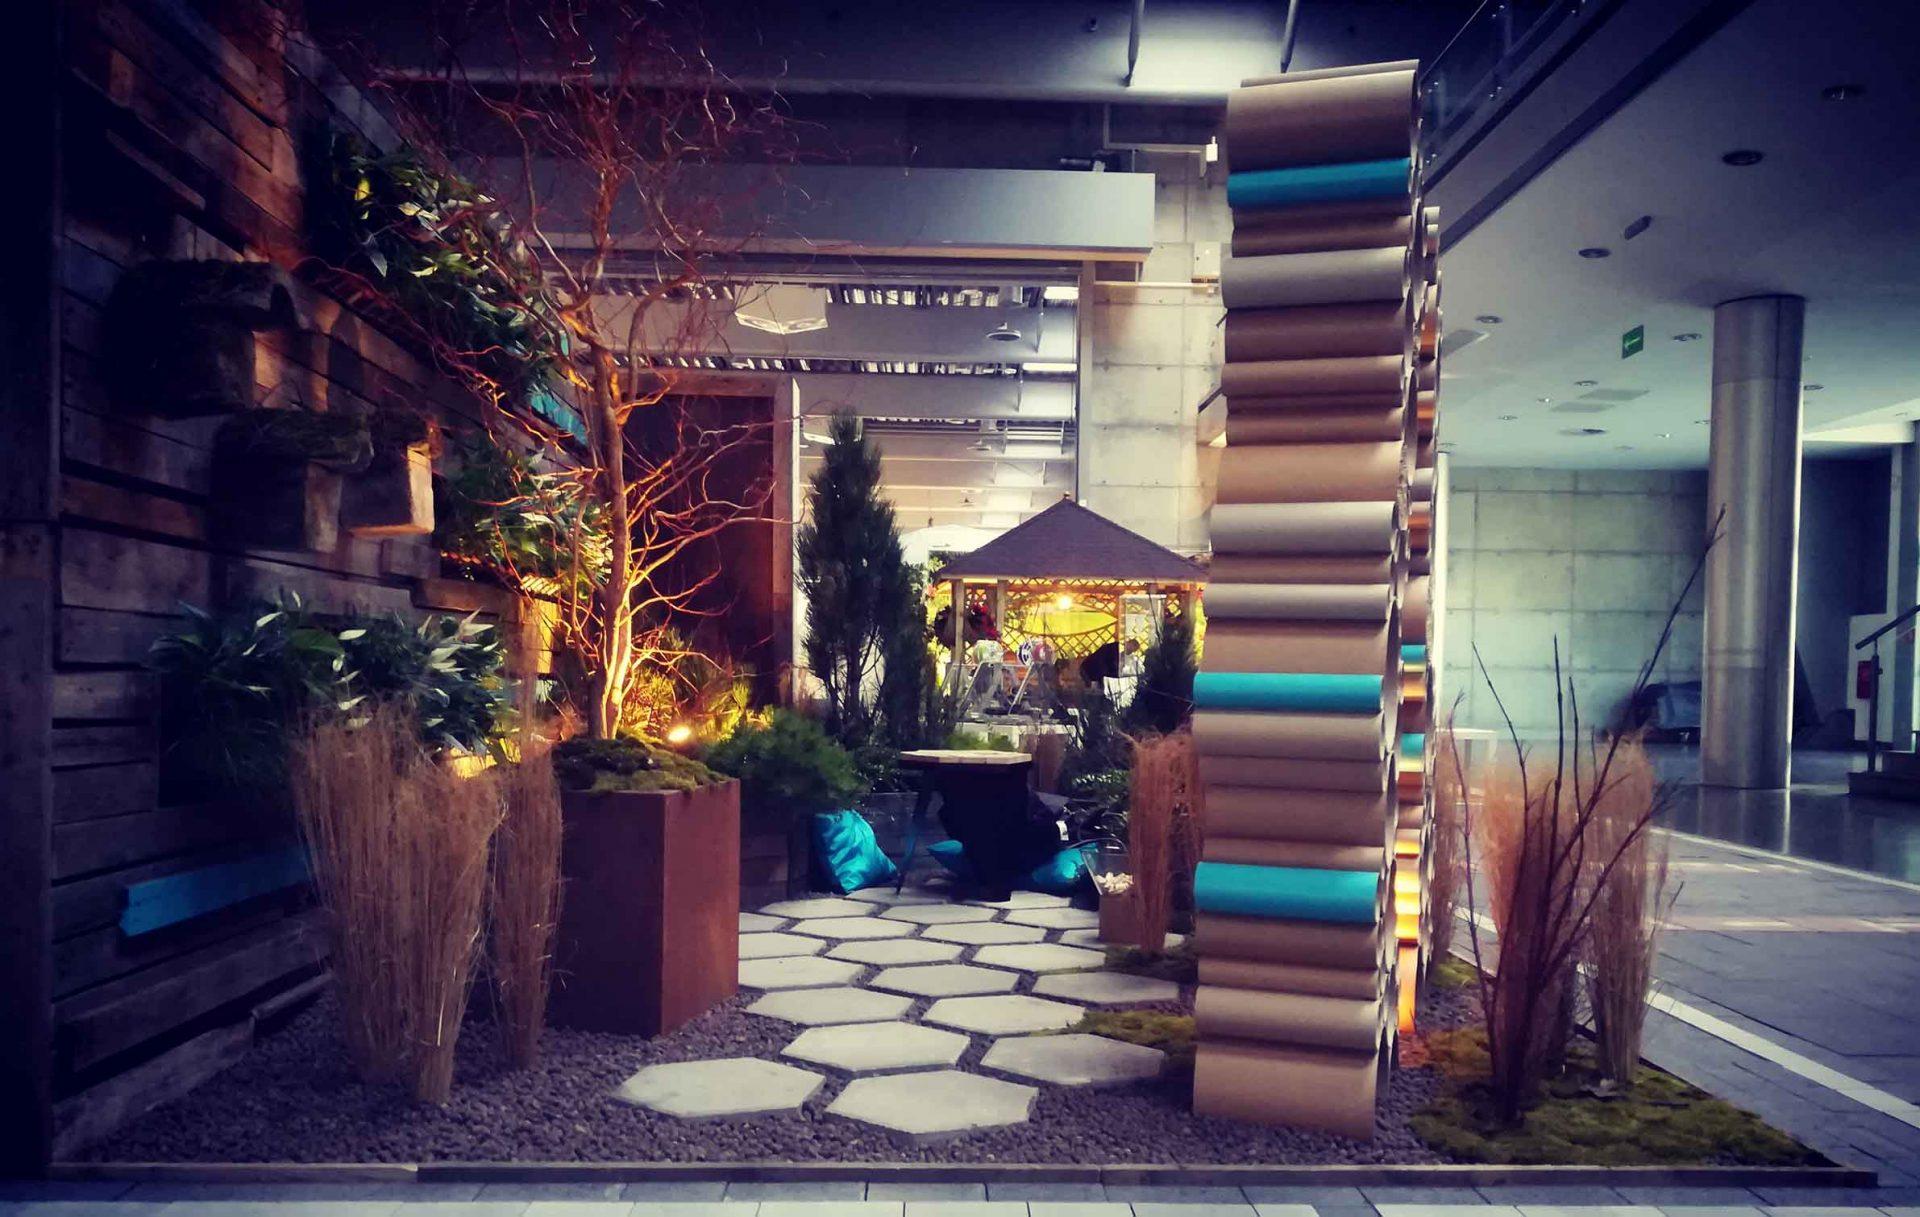 Ogród pokazowy, gardenia, I miejsce, konkurs inspiracje aranżacje, rzeźba dom dla owadów